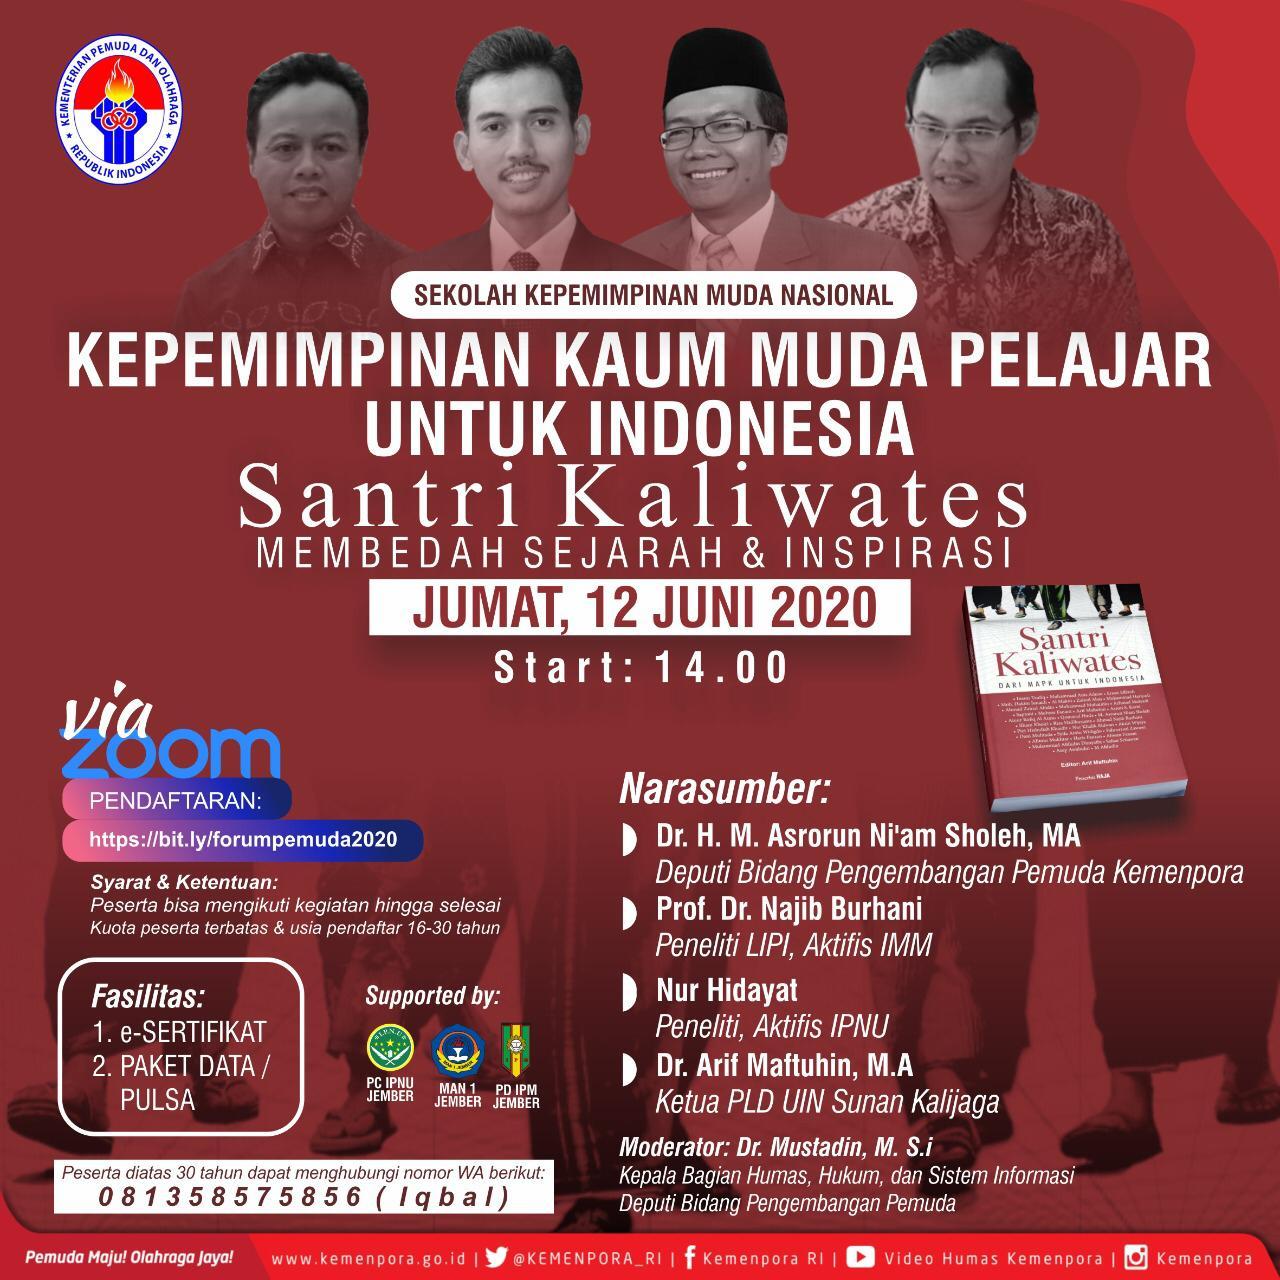 Kemenpora Menggelar Wabinar Forum Kepemudaan Untuk Indonesia Dimasa Pandemic Covid 19